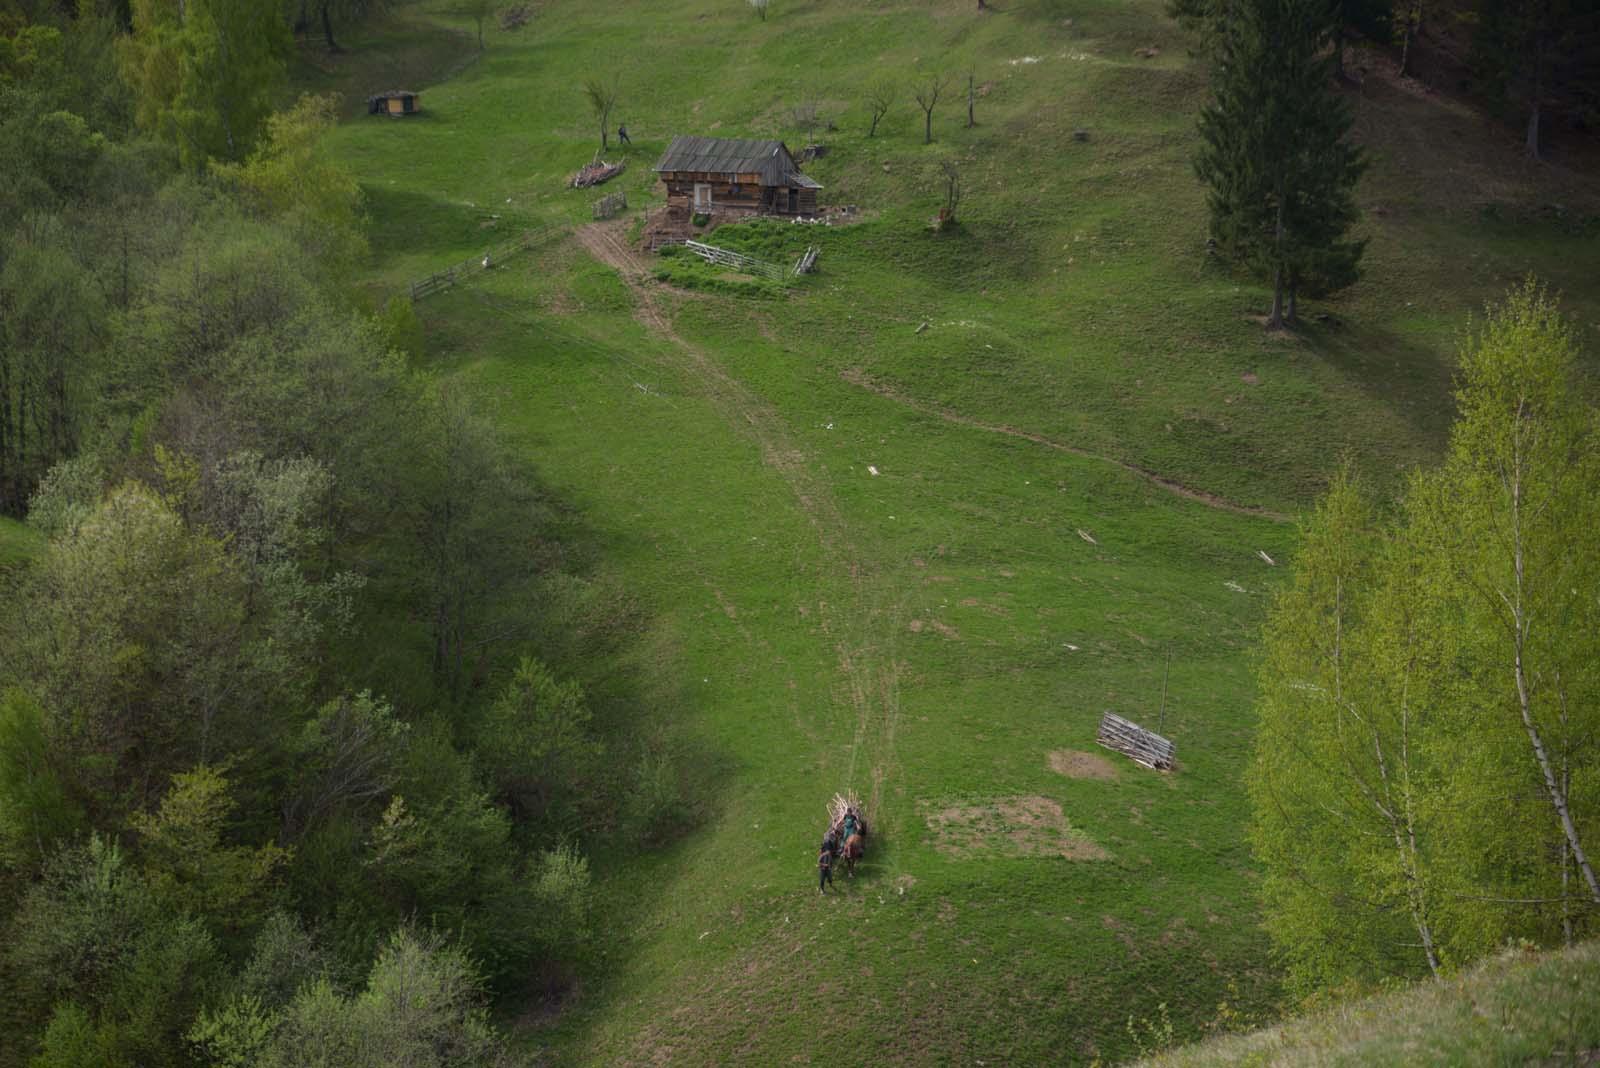 16_magura_piatra_craiului_travel_romania